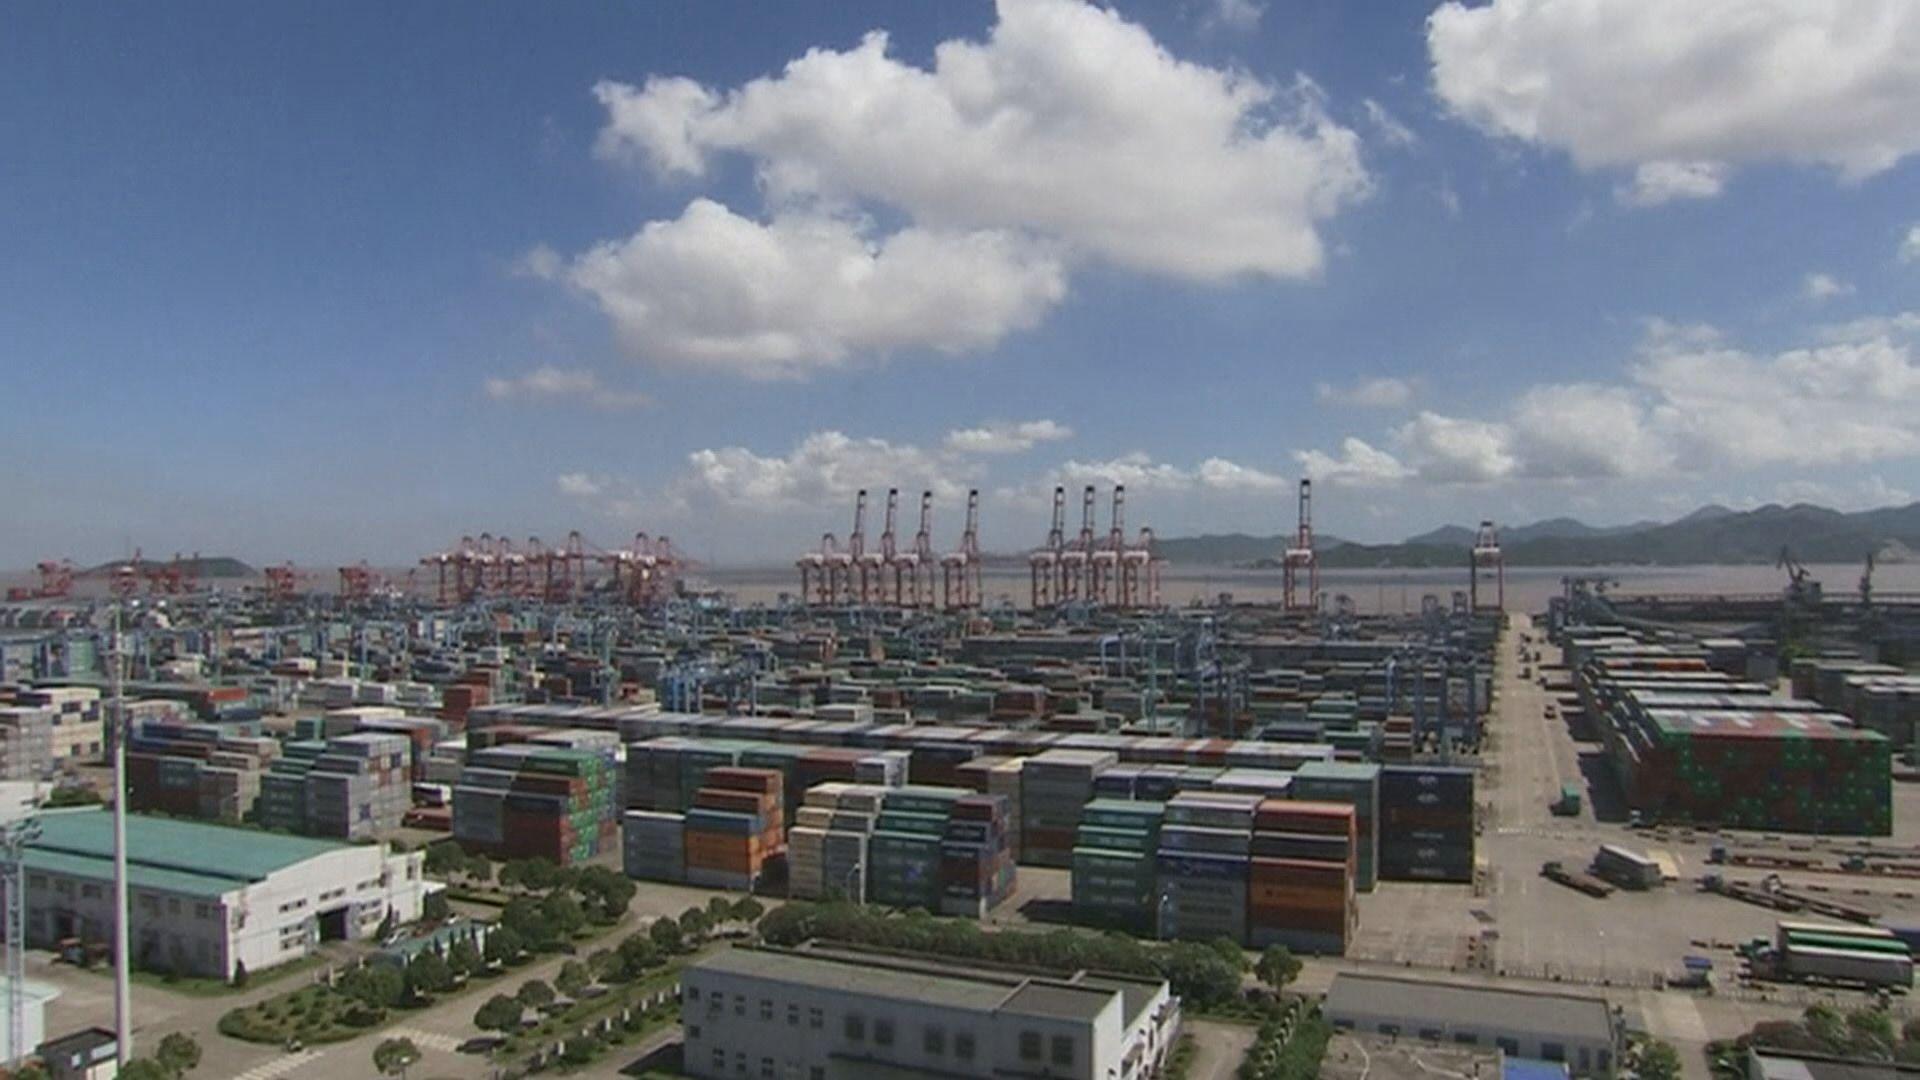 【倘中美傾唔掂數】中國今年進出口或僅增2%